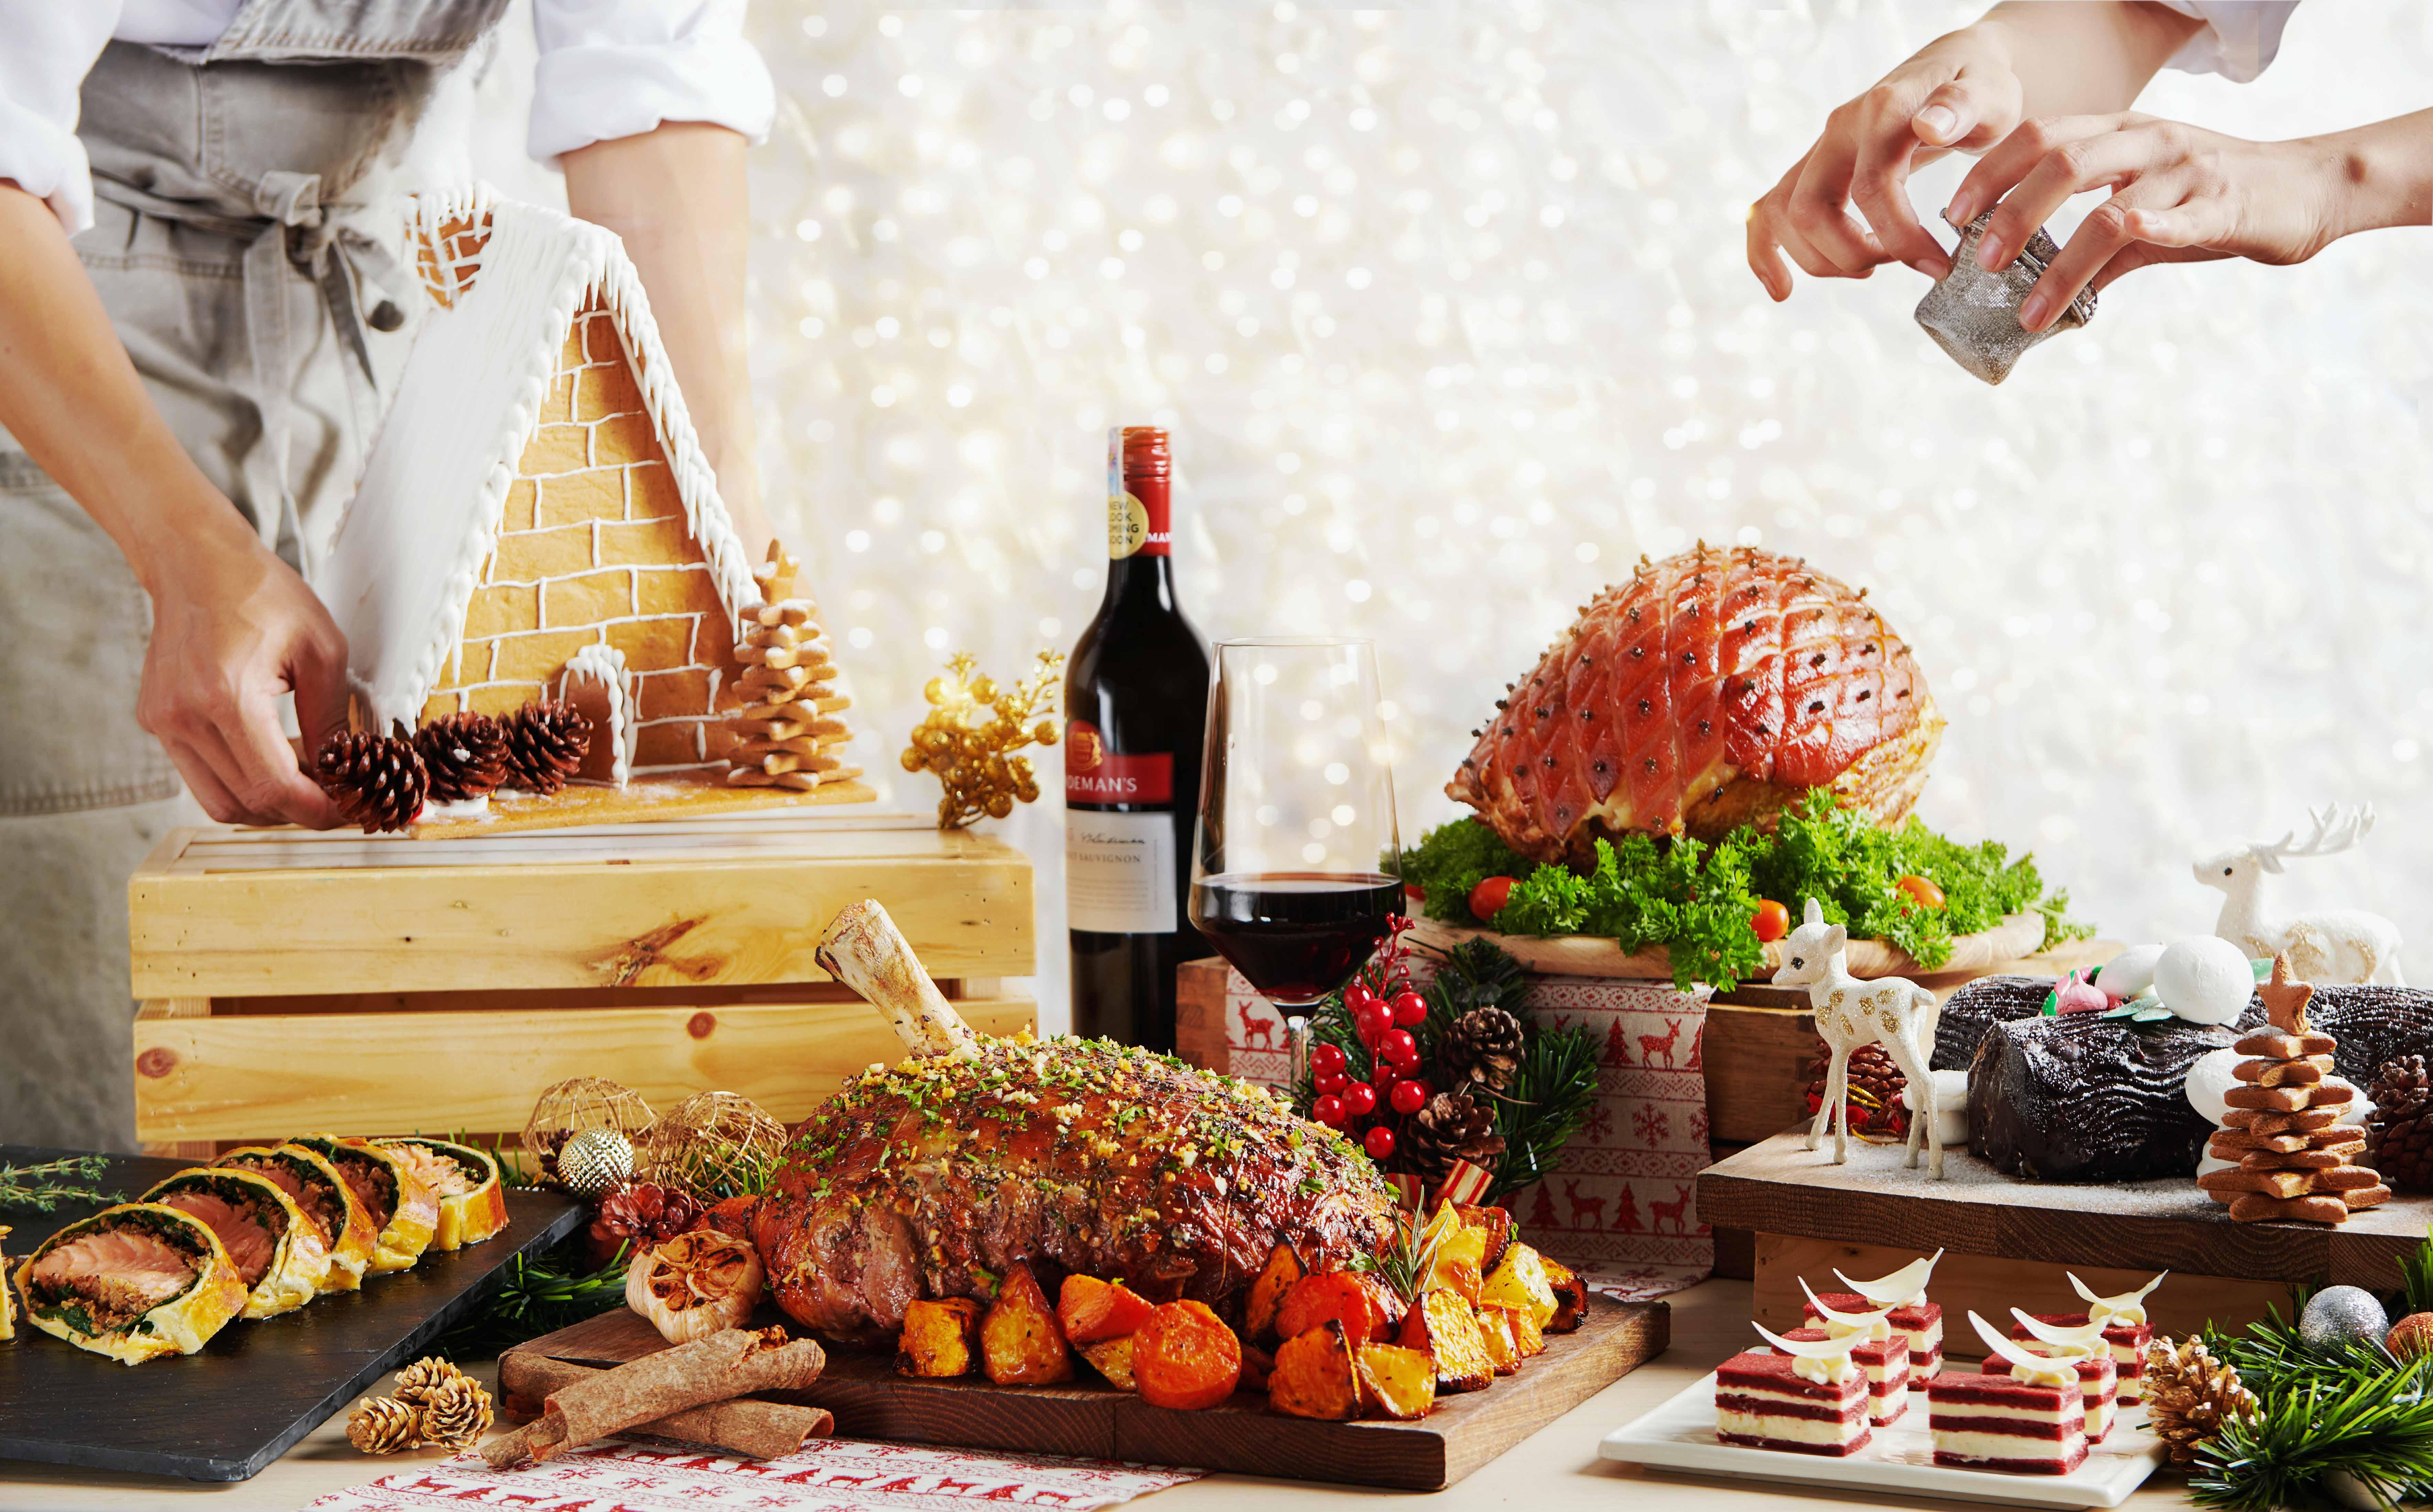 sheraton grand đà nẵng sprkling christmas eve buffet